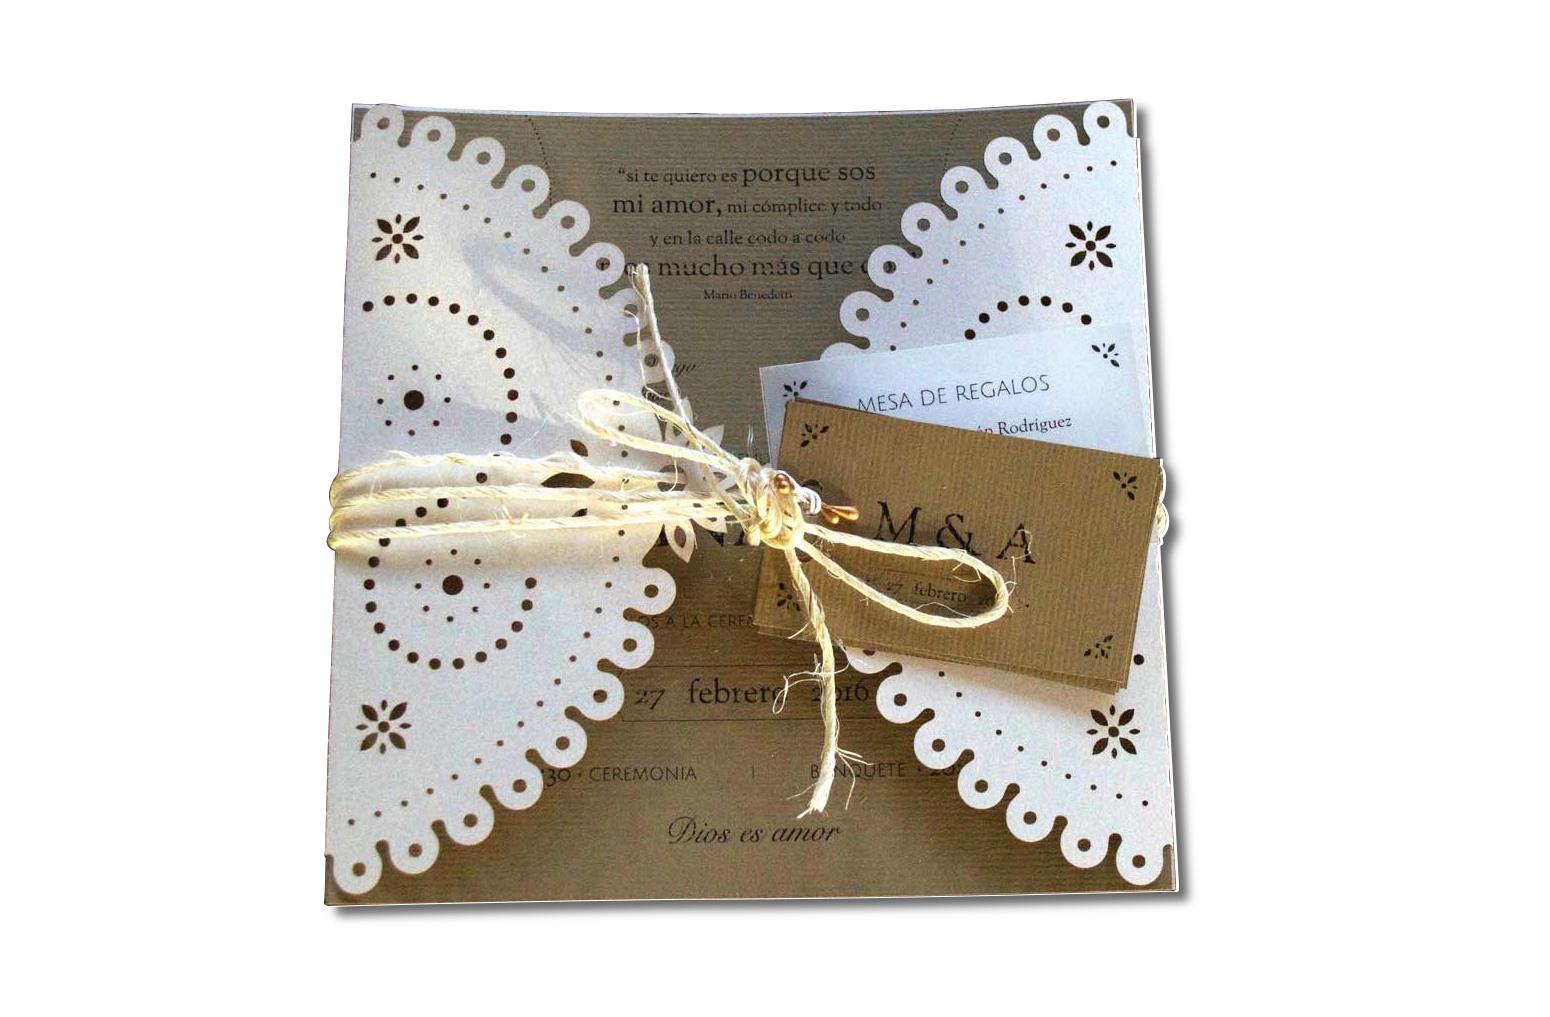 invitación de boda rústica UNIO con boletos y mesa de regalos